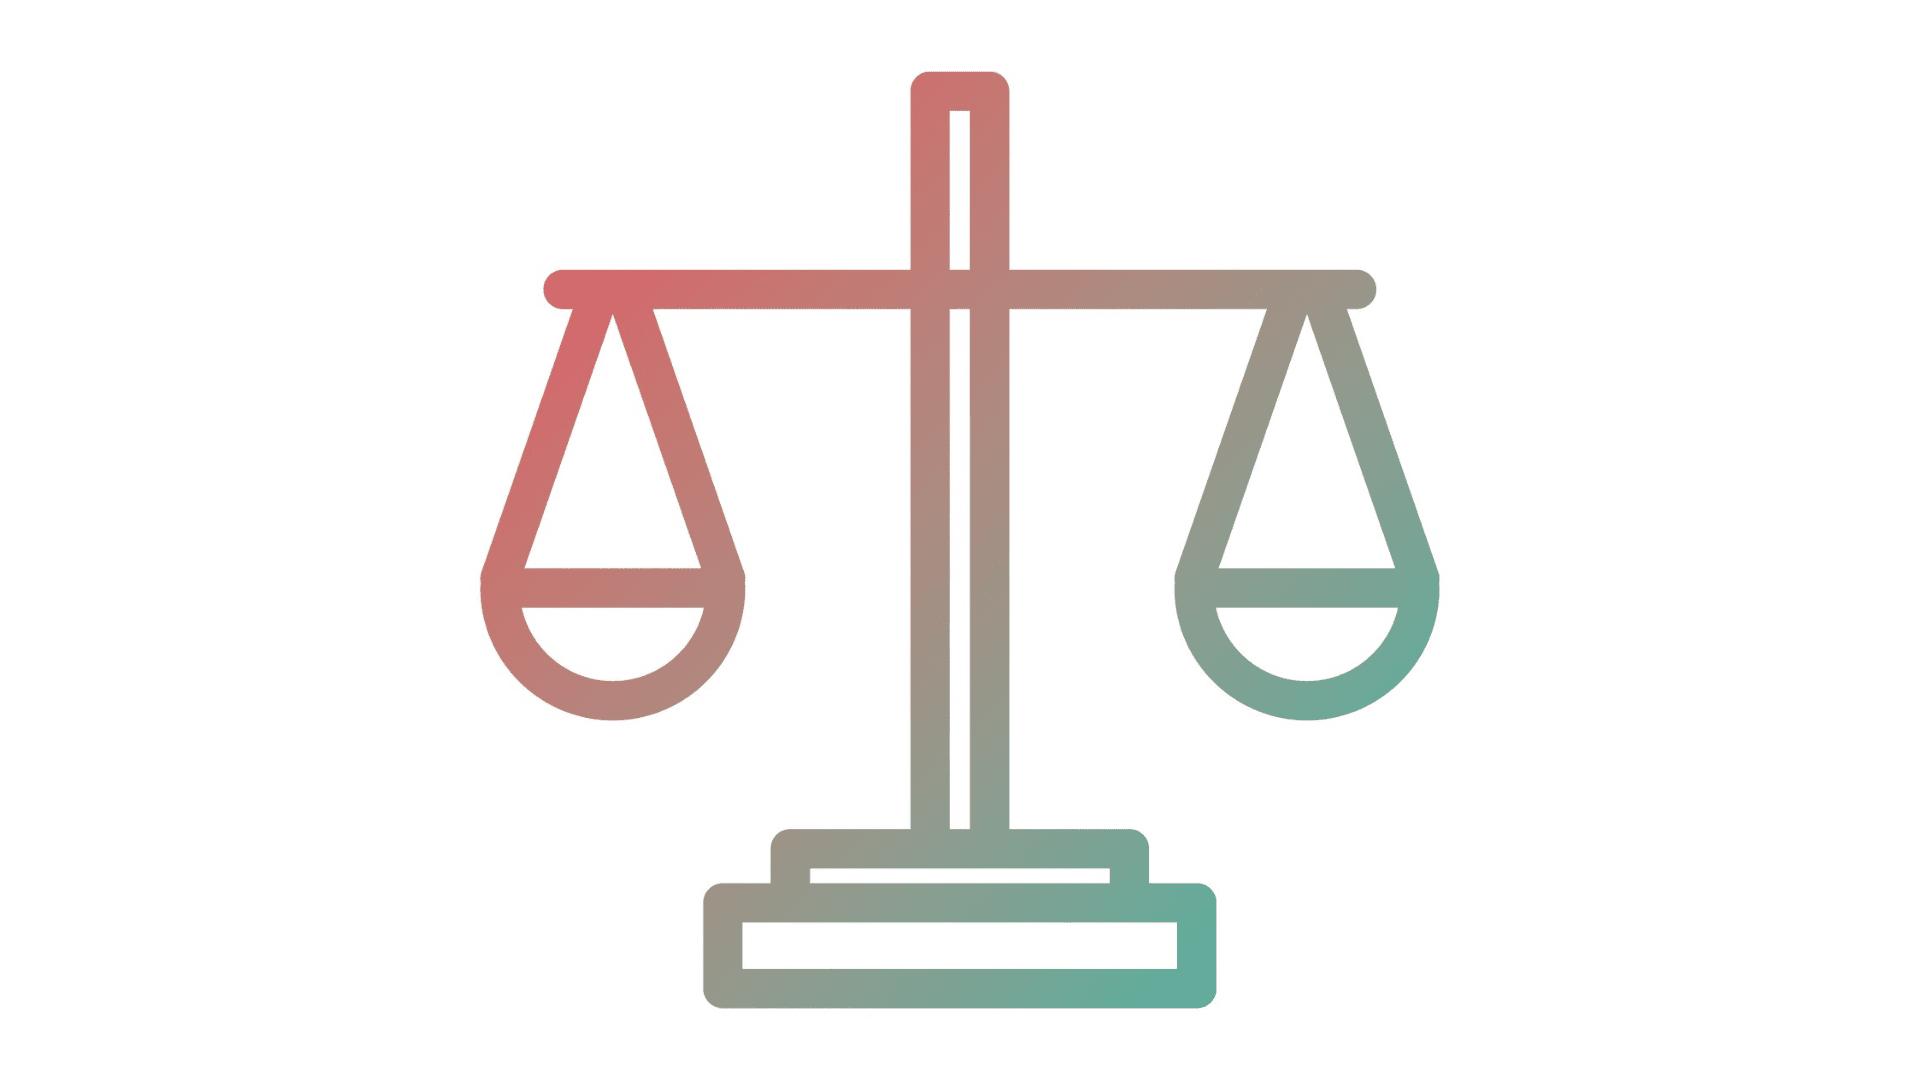 Retention vs Acquisition comparison